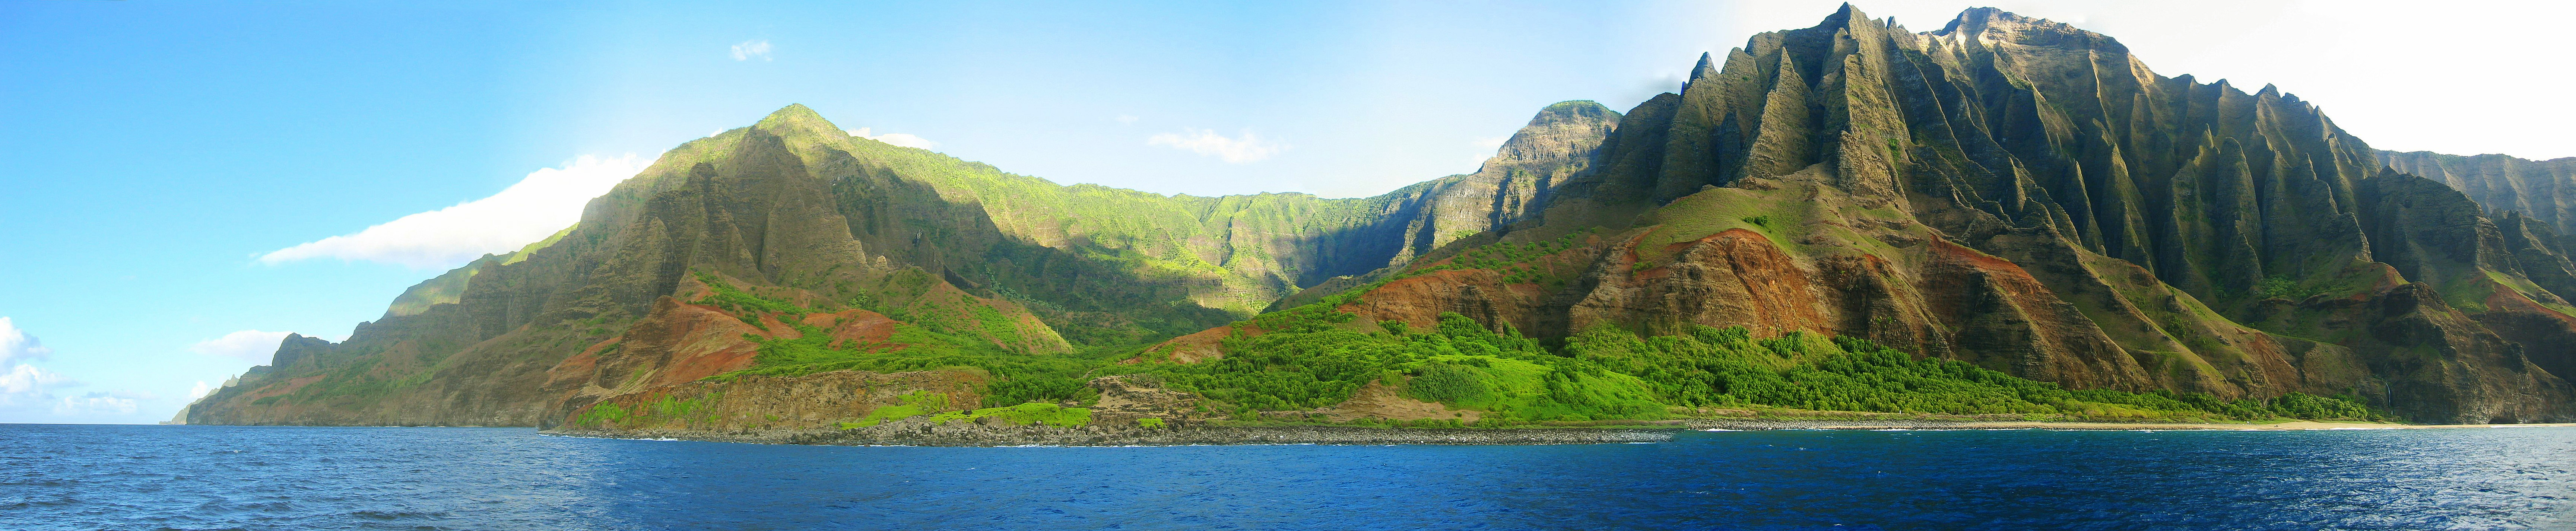 Real_Kaui_Panorama1.jpg